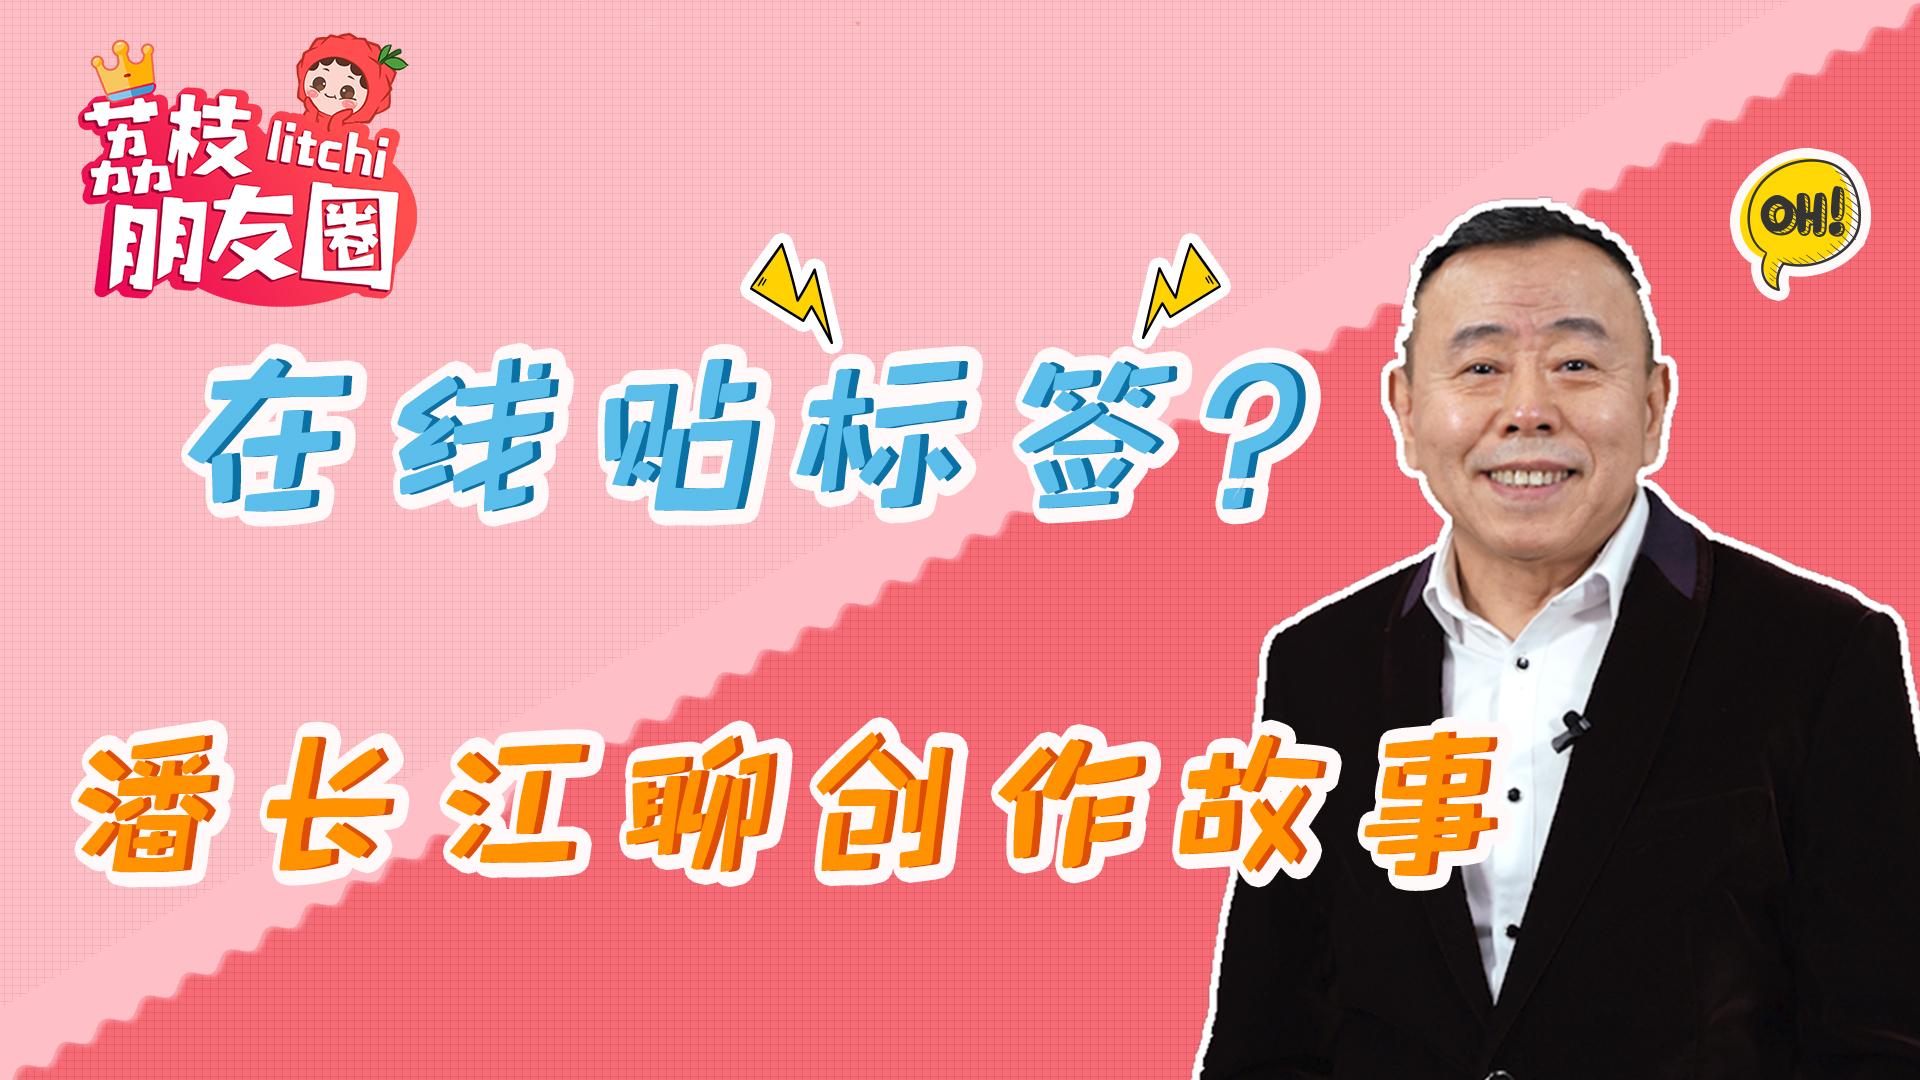 荔枝朋友圈丨在线贴标签?看喜剧演员潘长江聊创作故事